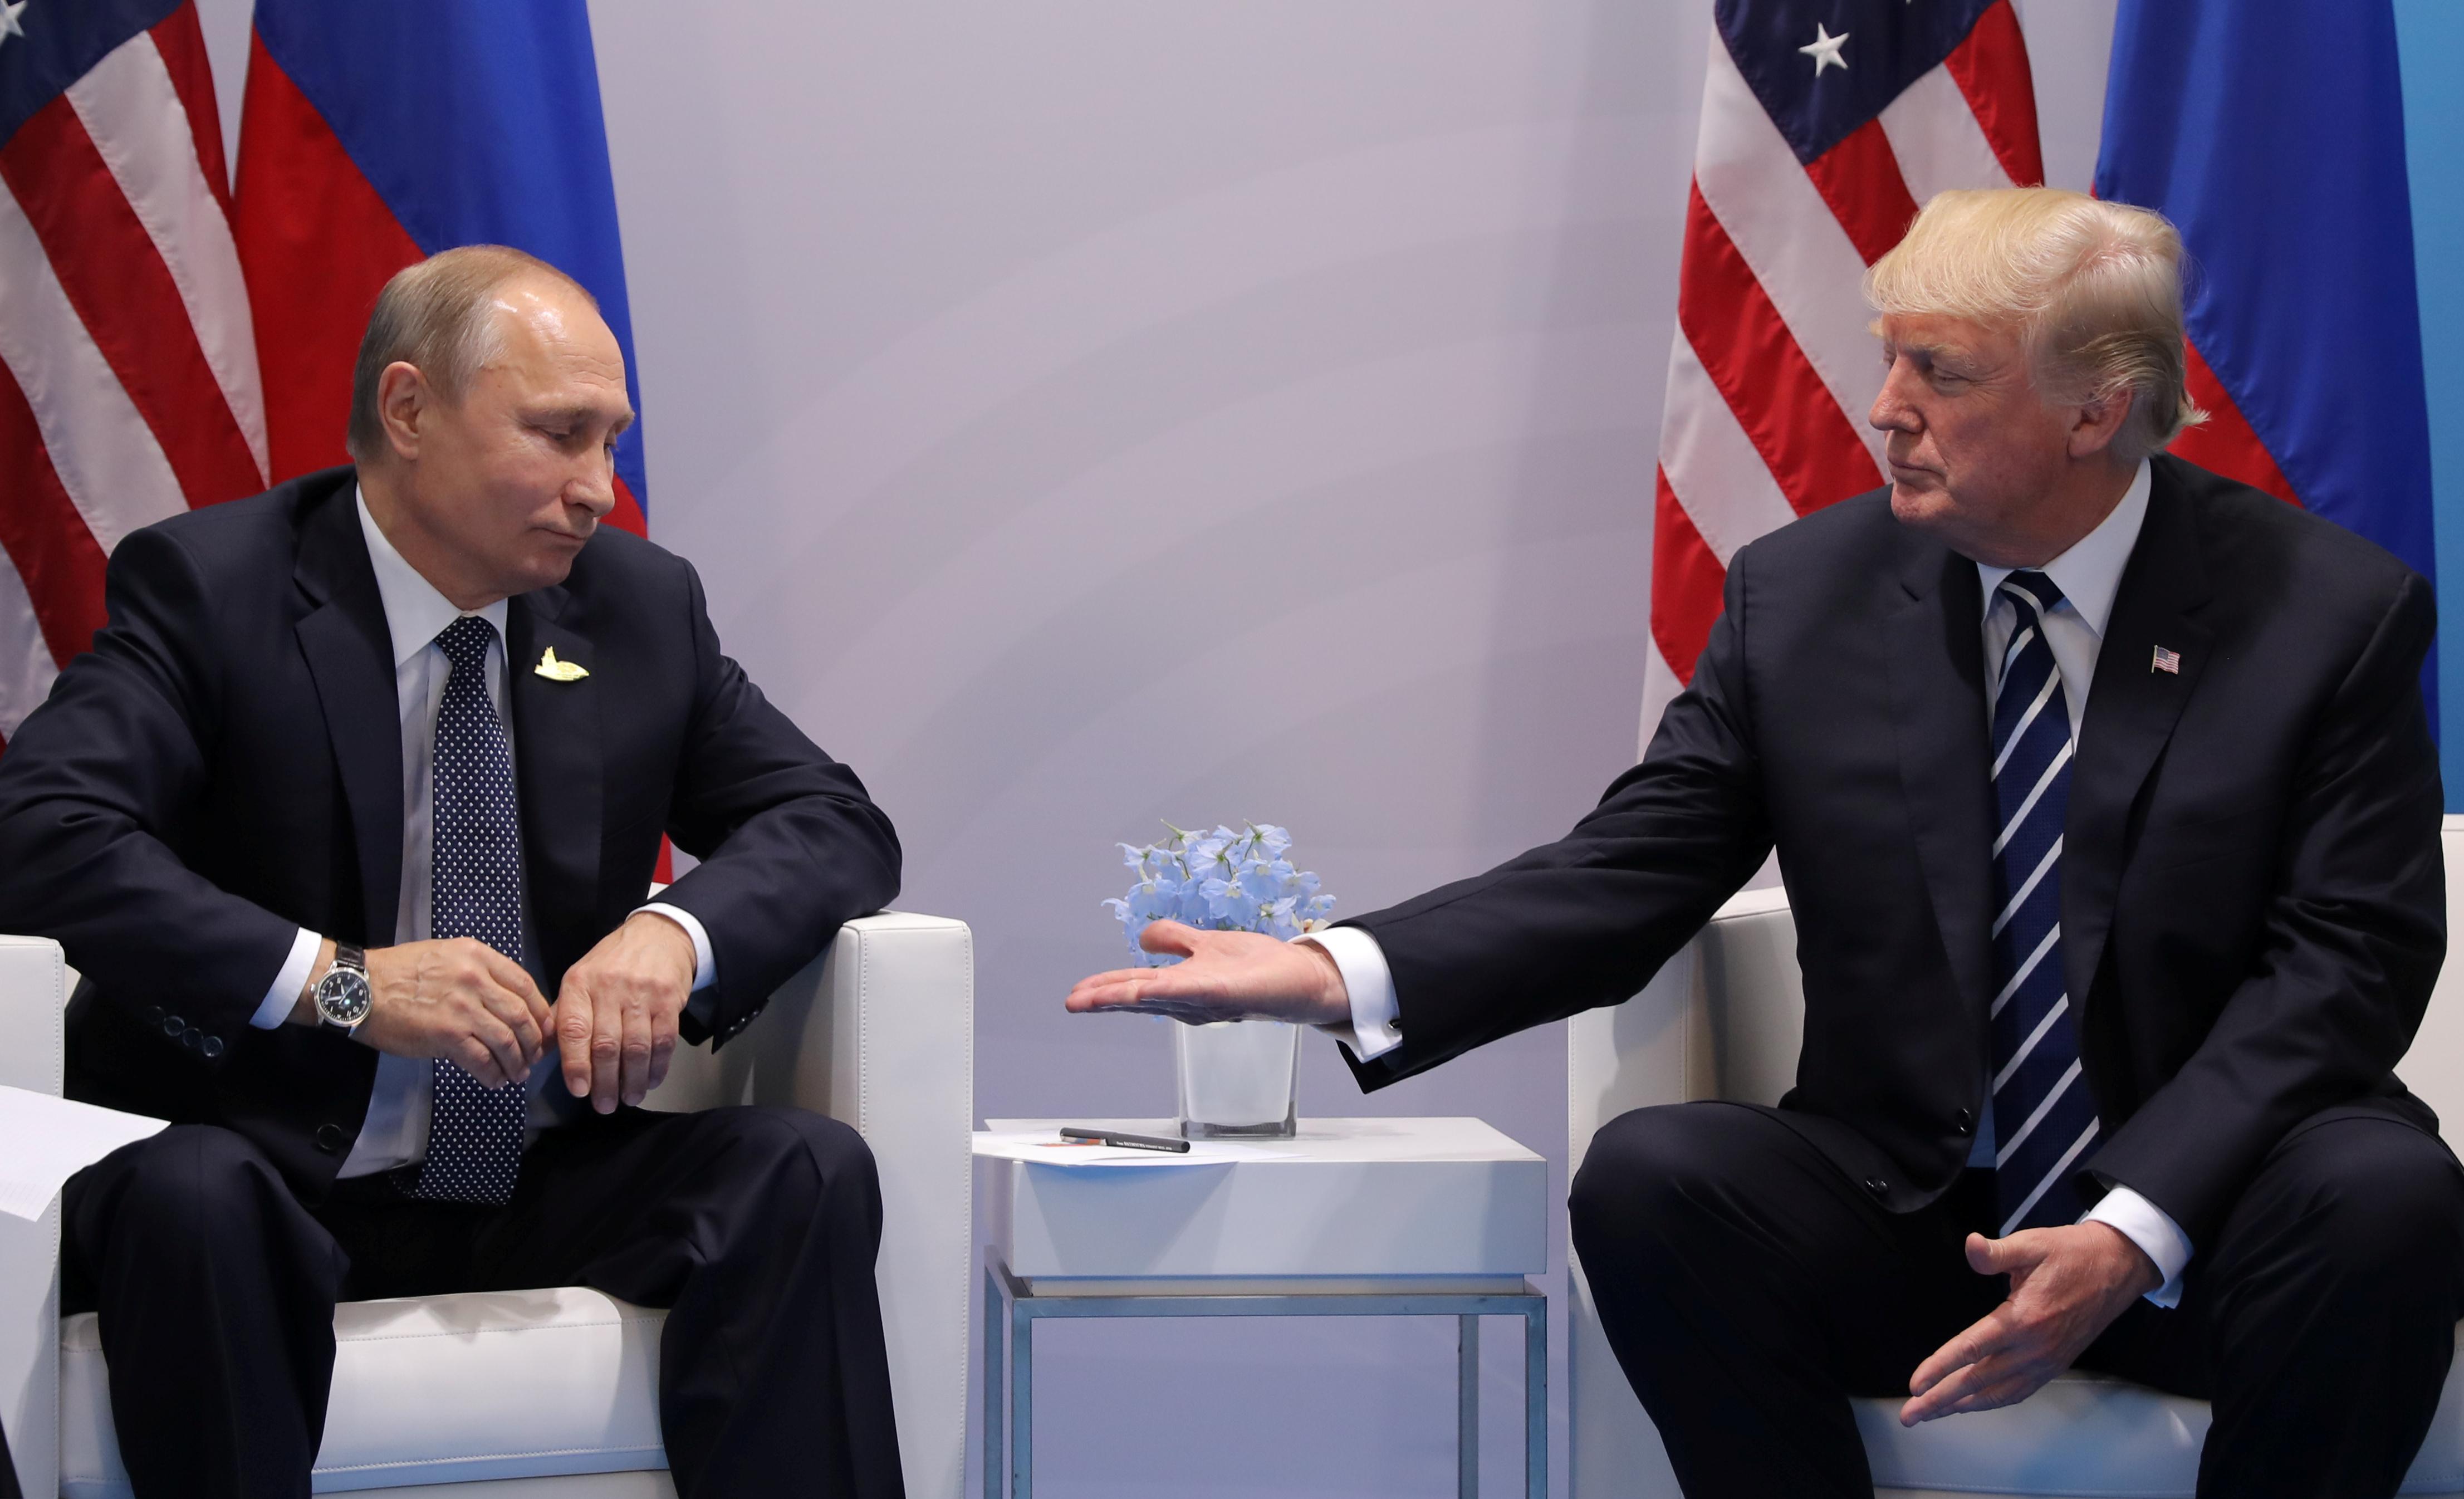 Трамп хочет завершить ядерную сделку с Россией до выборов